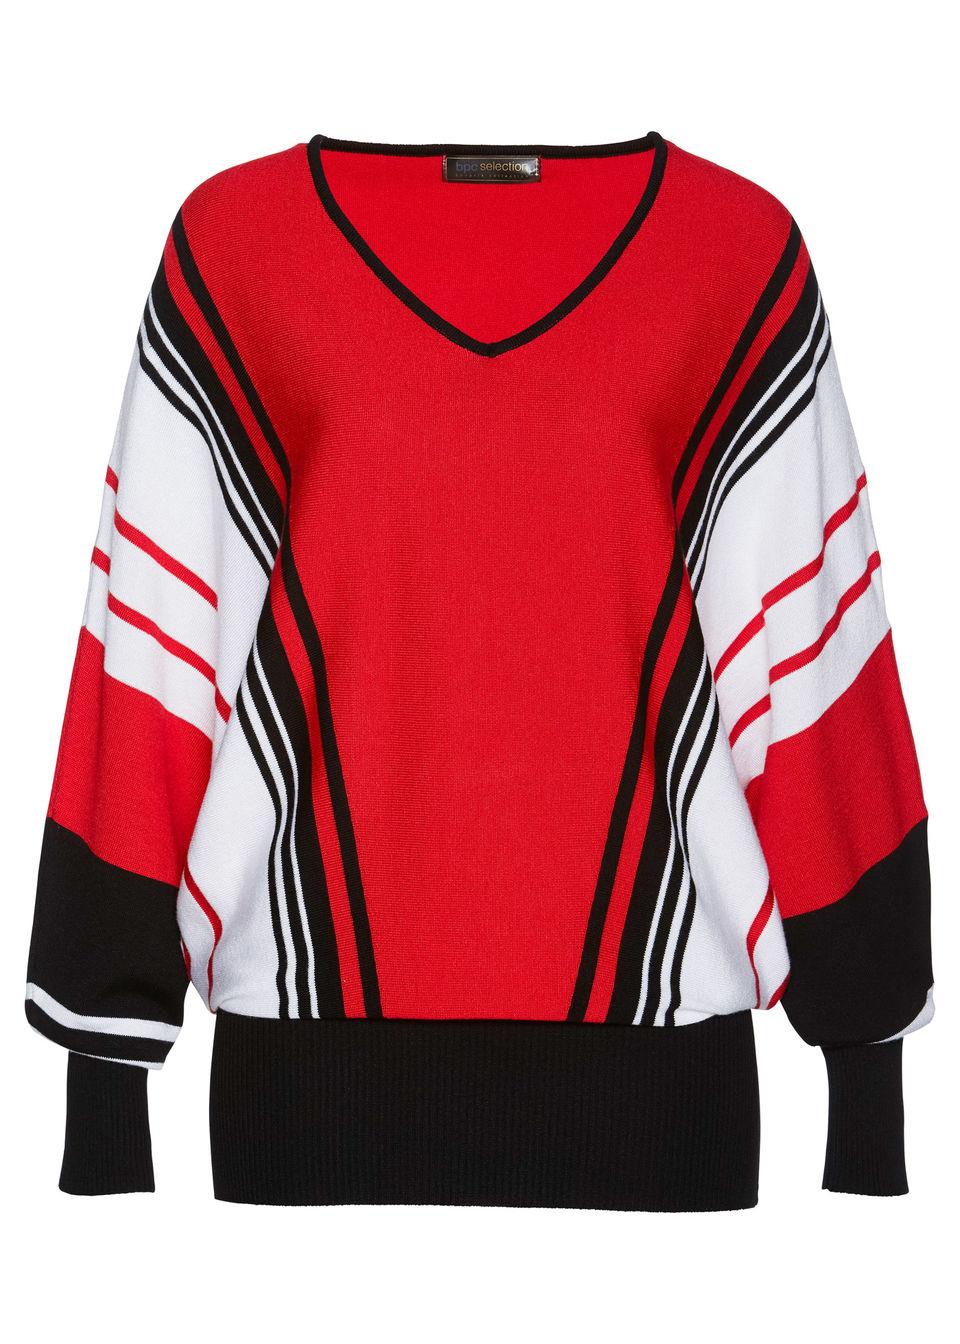 Купить Свитера, Пуловер, bonprix, клубничный/чёрный/белый в полоску